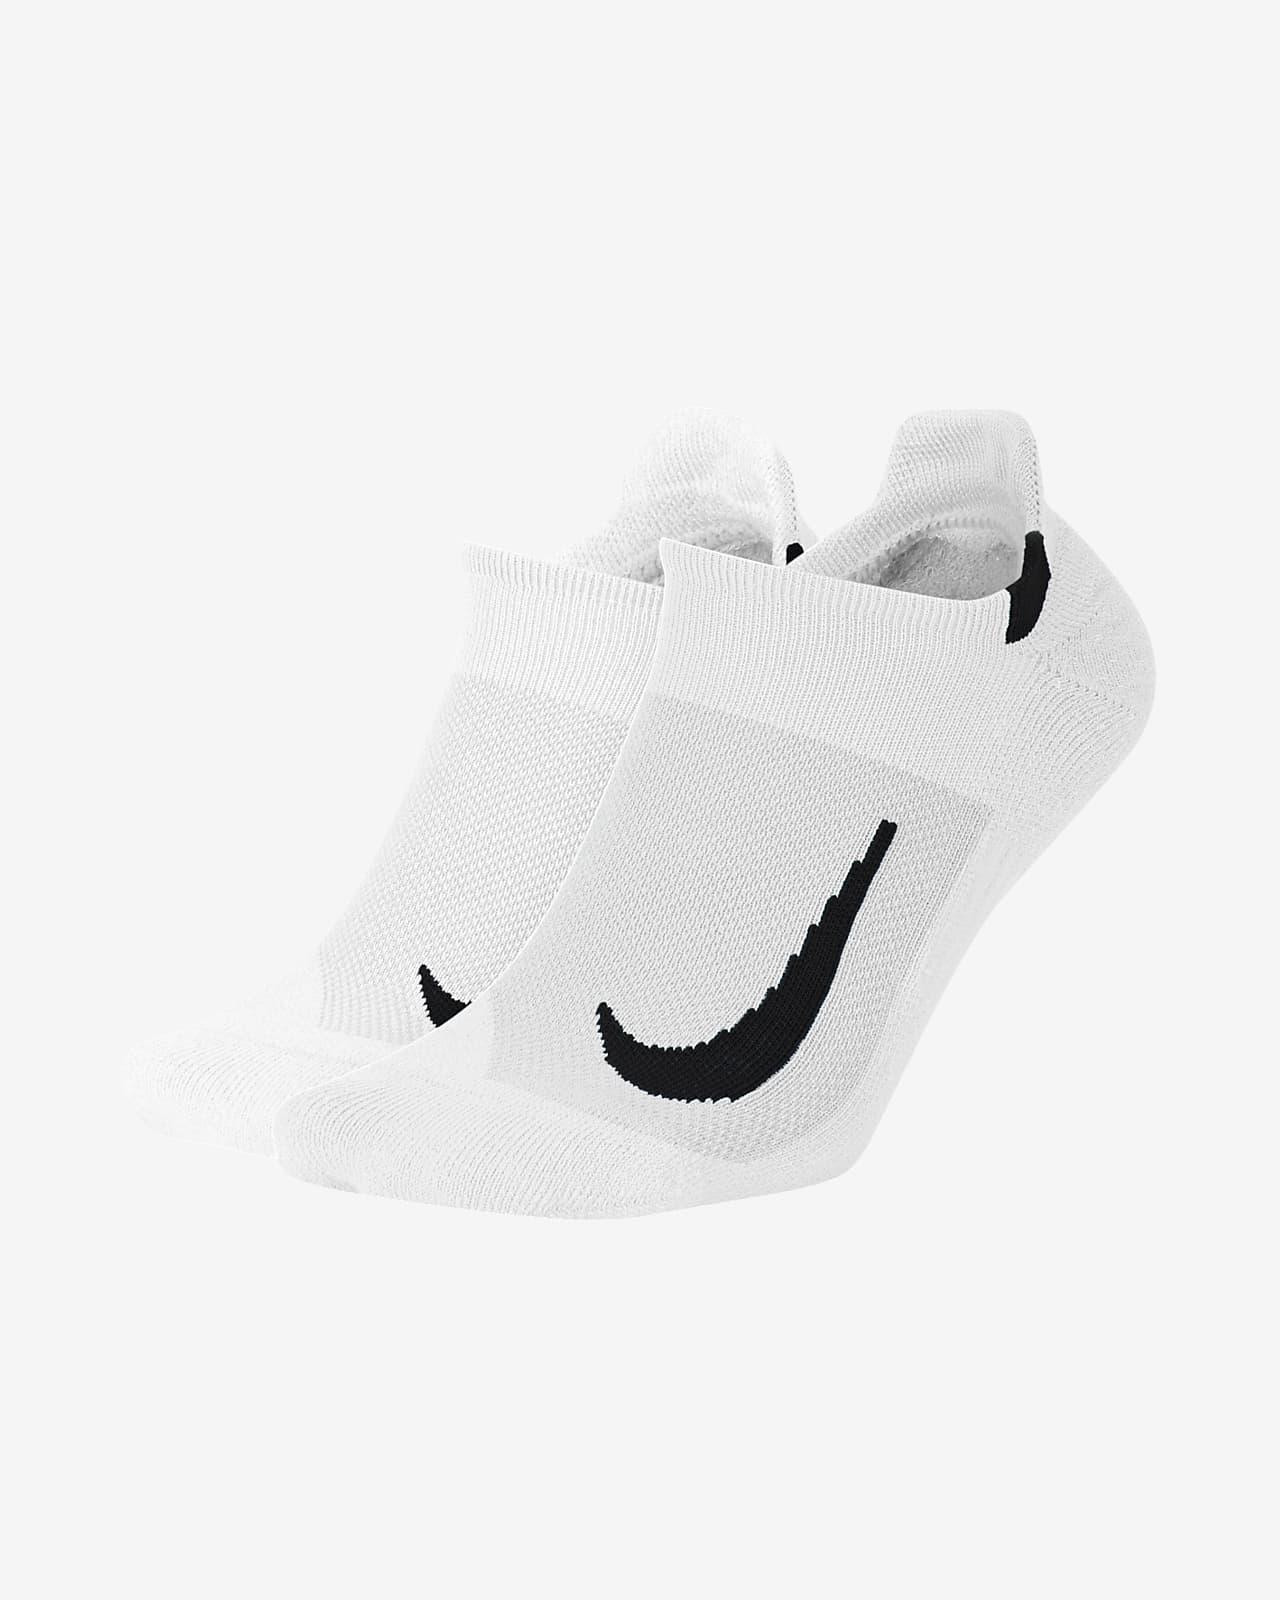 Nízké běžecké ponožky Nike Multiplier (2 páry)